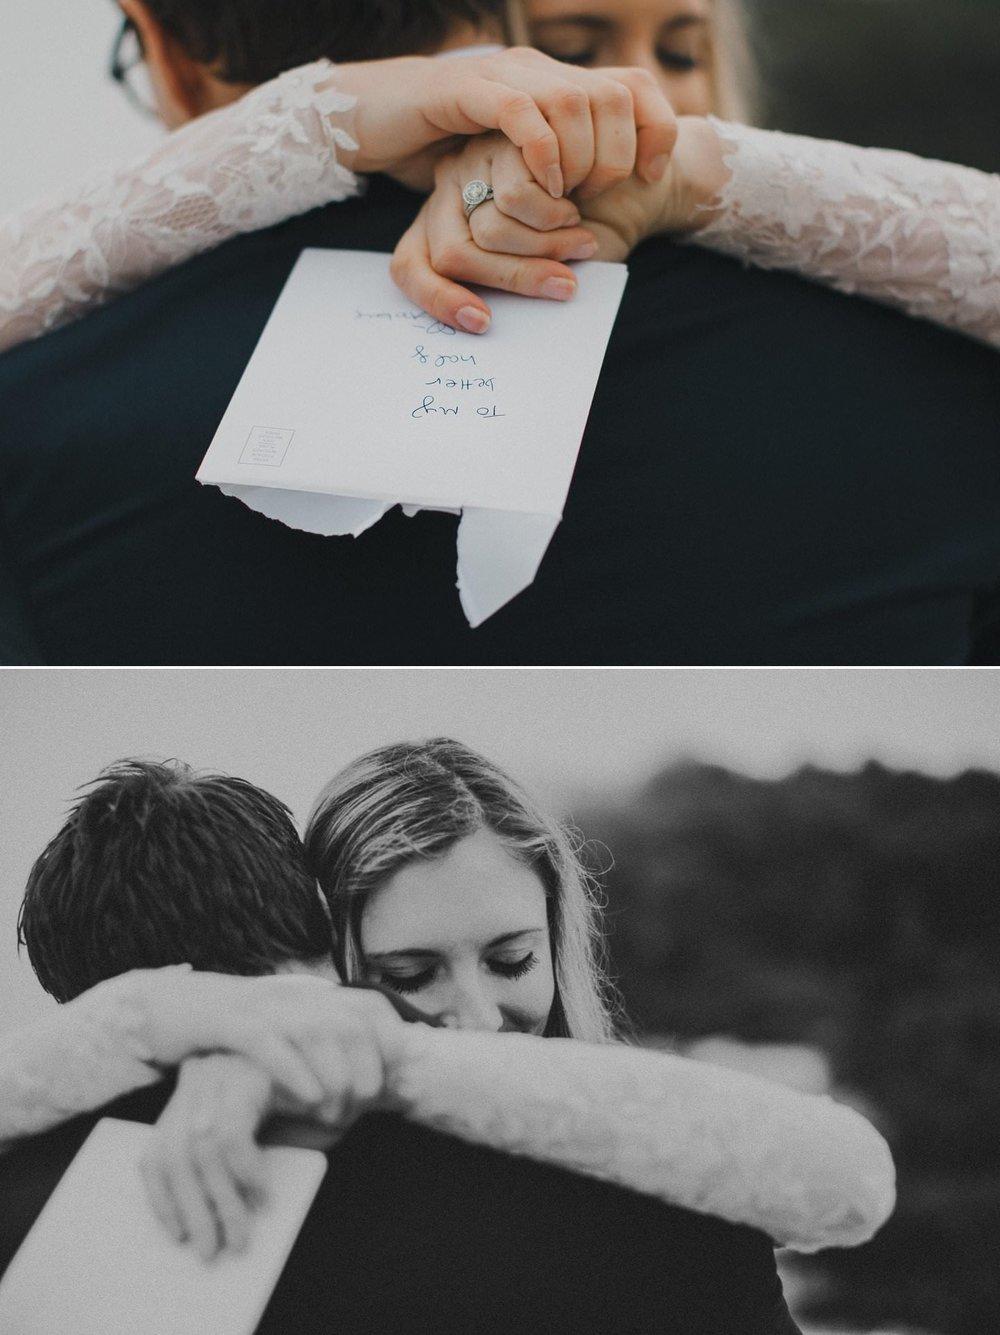 Candid wedding photography of couple